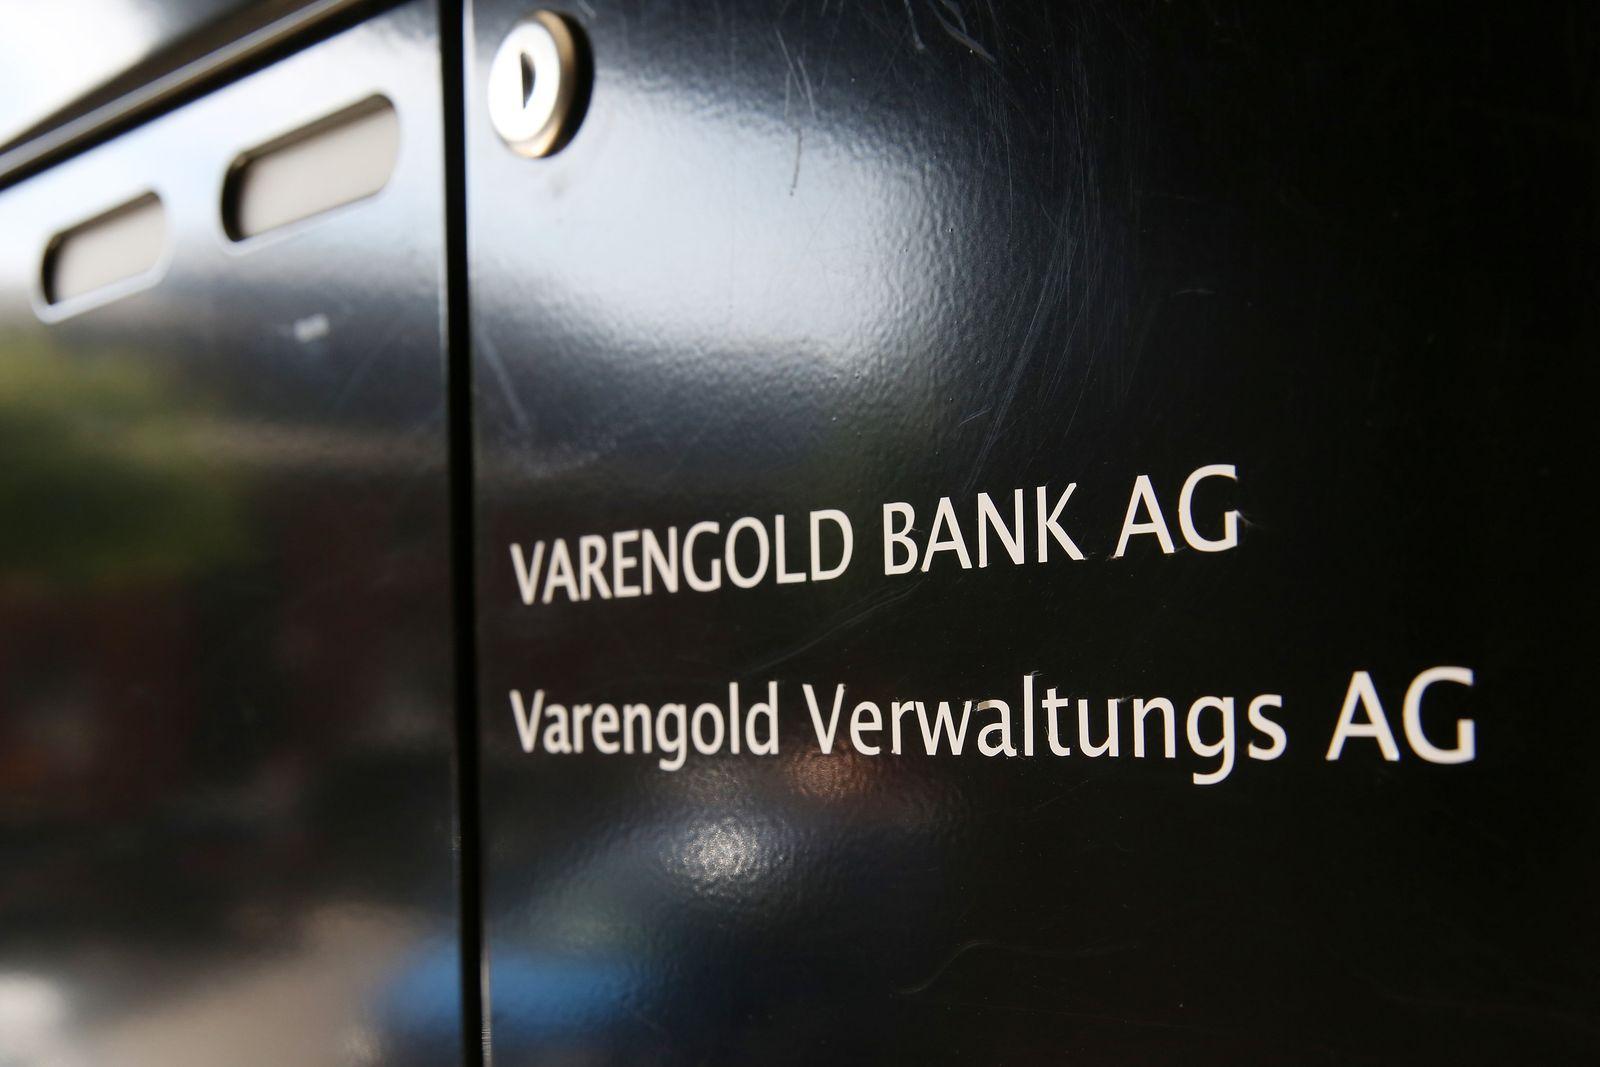 Ermittler durchsuchen erneut Banken im Cum-Ex-Skandal